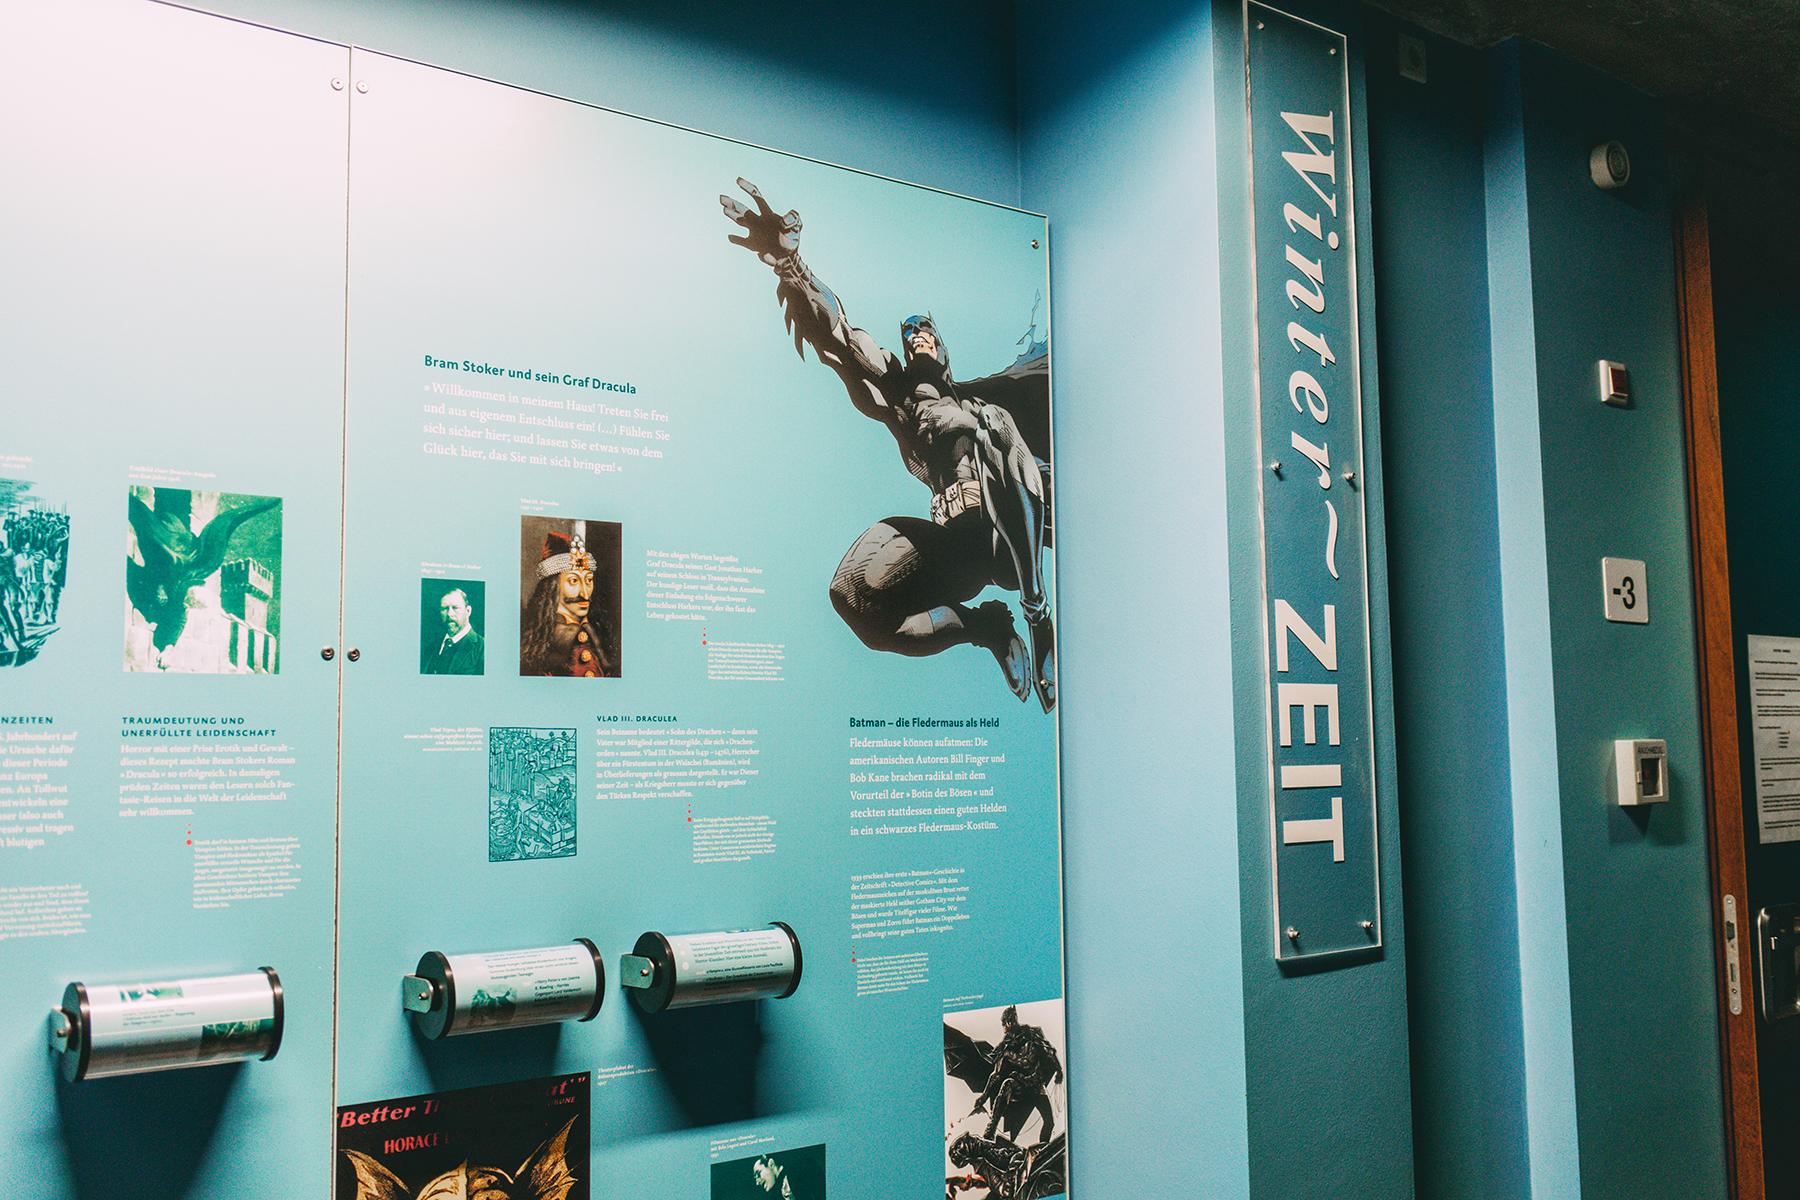 Erlebnisausstellung Noctalis